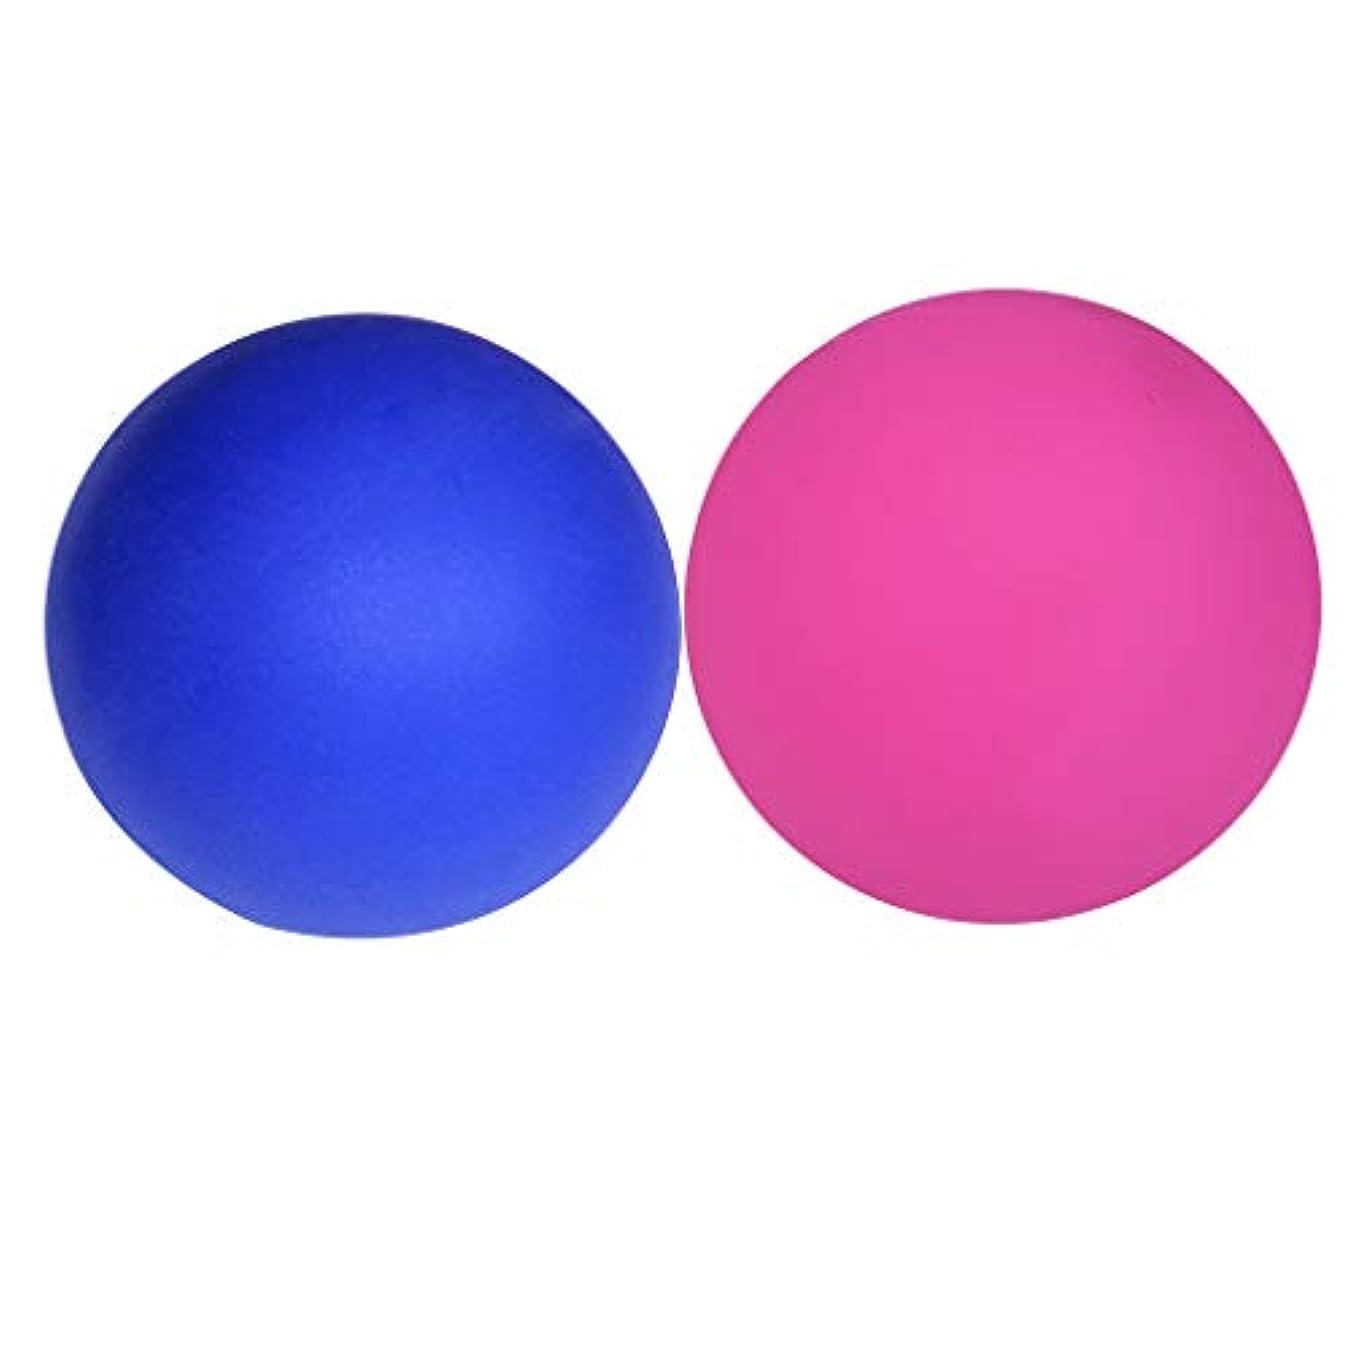 何左地殻KESOTO 2個 ラクロスマッサージボール マッサージ マッサージャー ボール リリース ポイントマッサージ